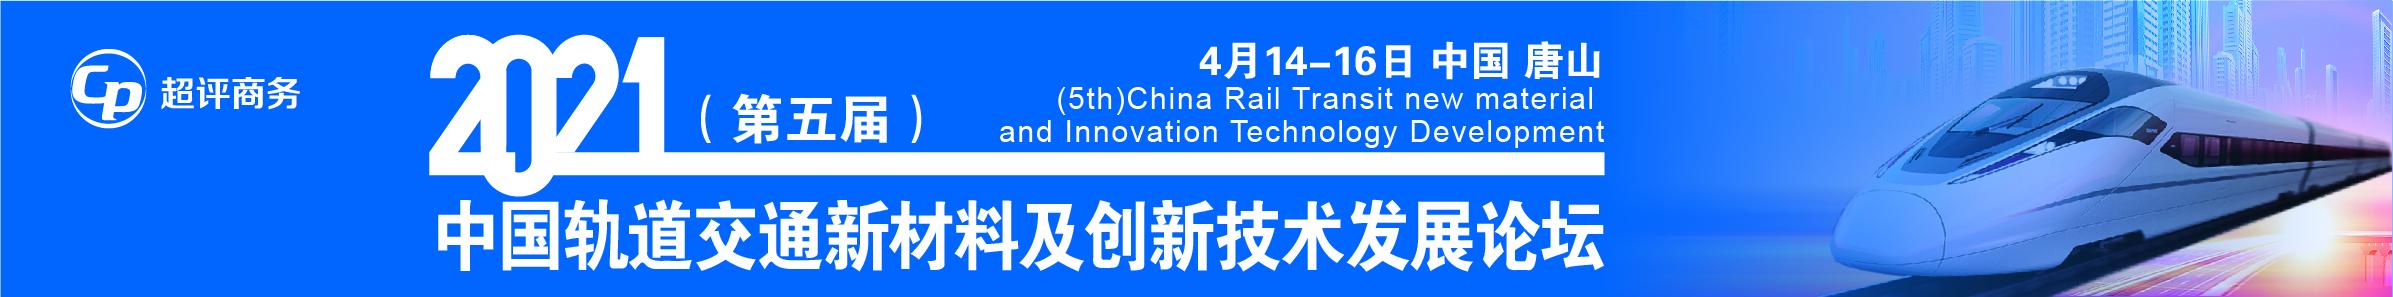 2021第五届中国轨道交通新威尼斯人官网及创新技术发展论坛